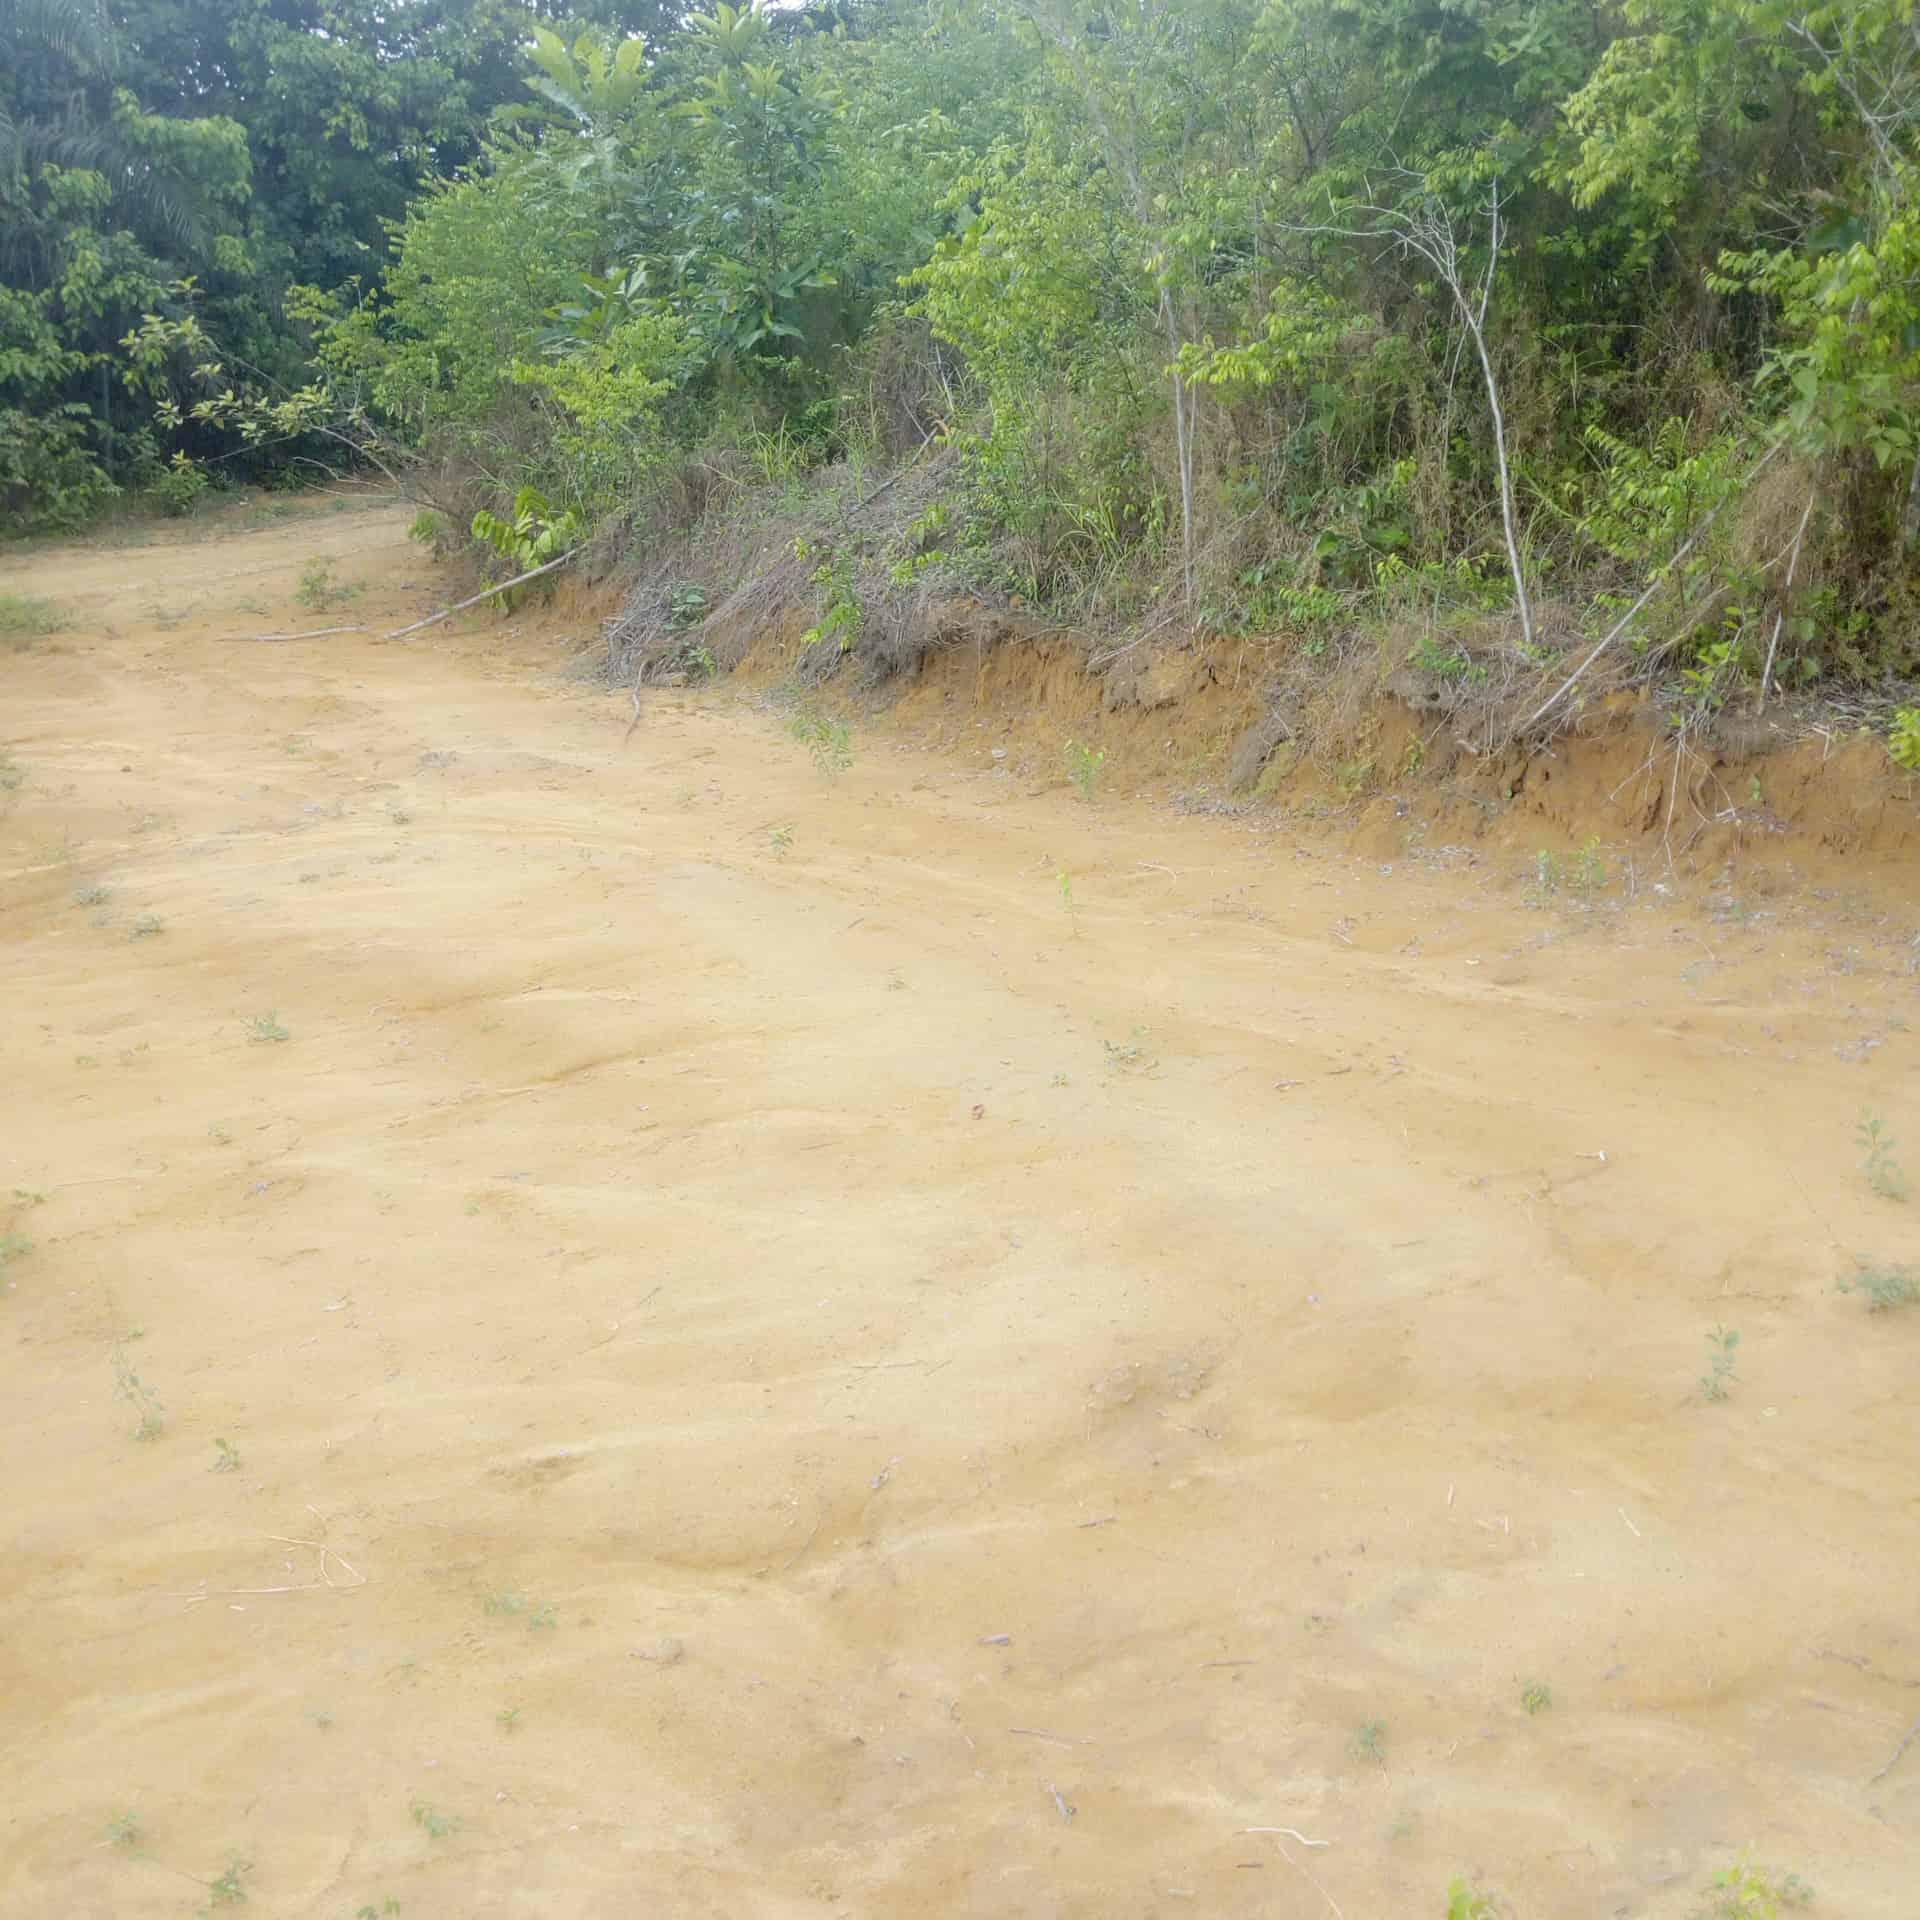 Land for sale at Douala, PK 21, Derrière l'église - 20000 m2 - 7 000 000 FCFA